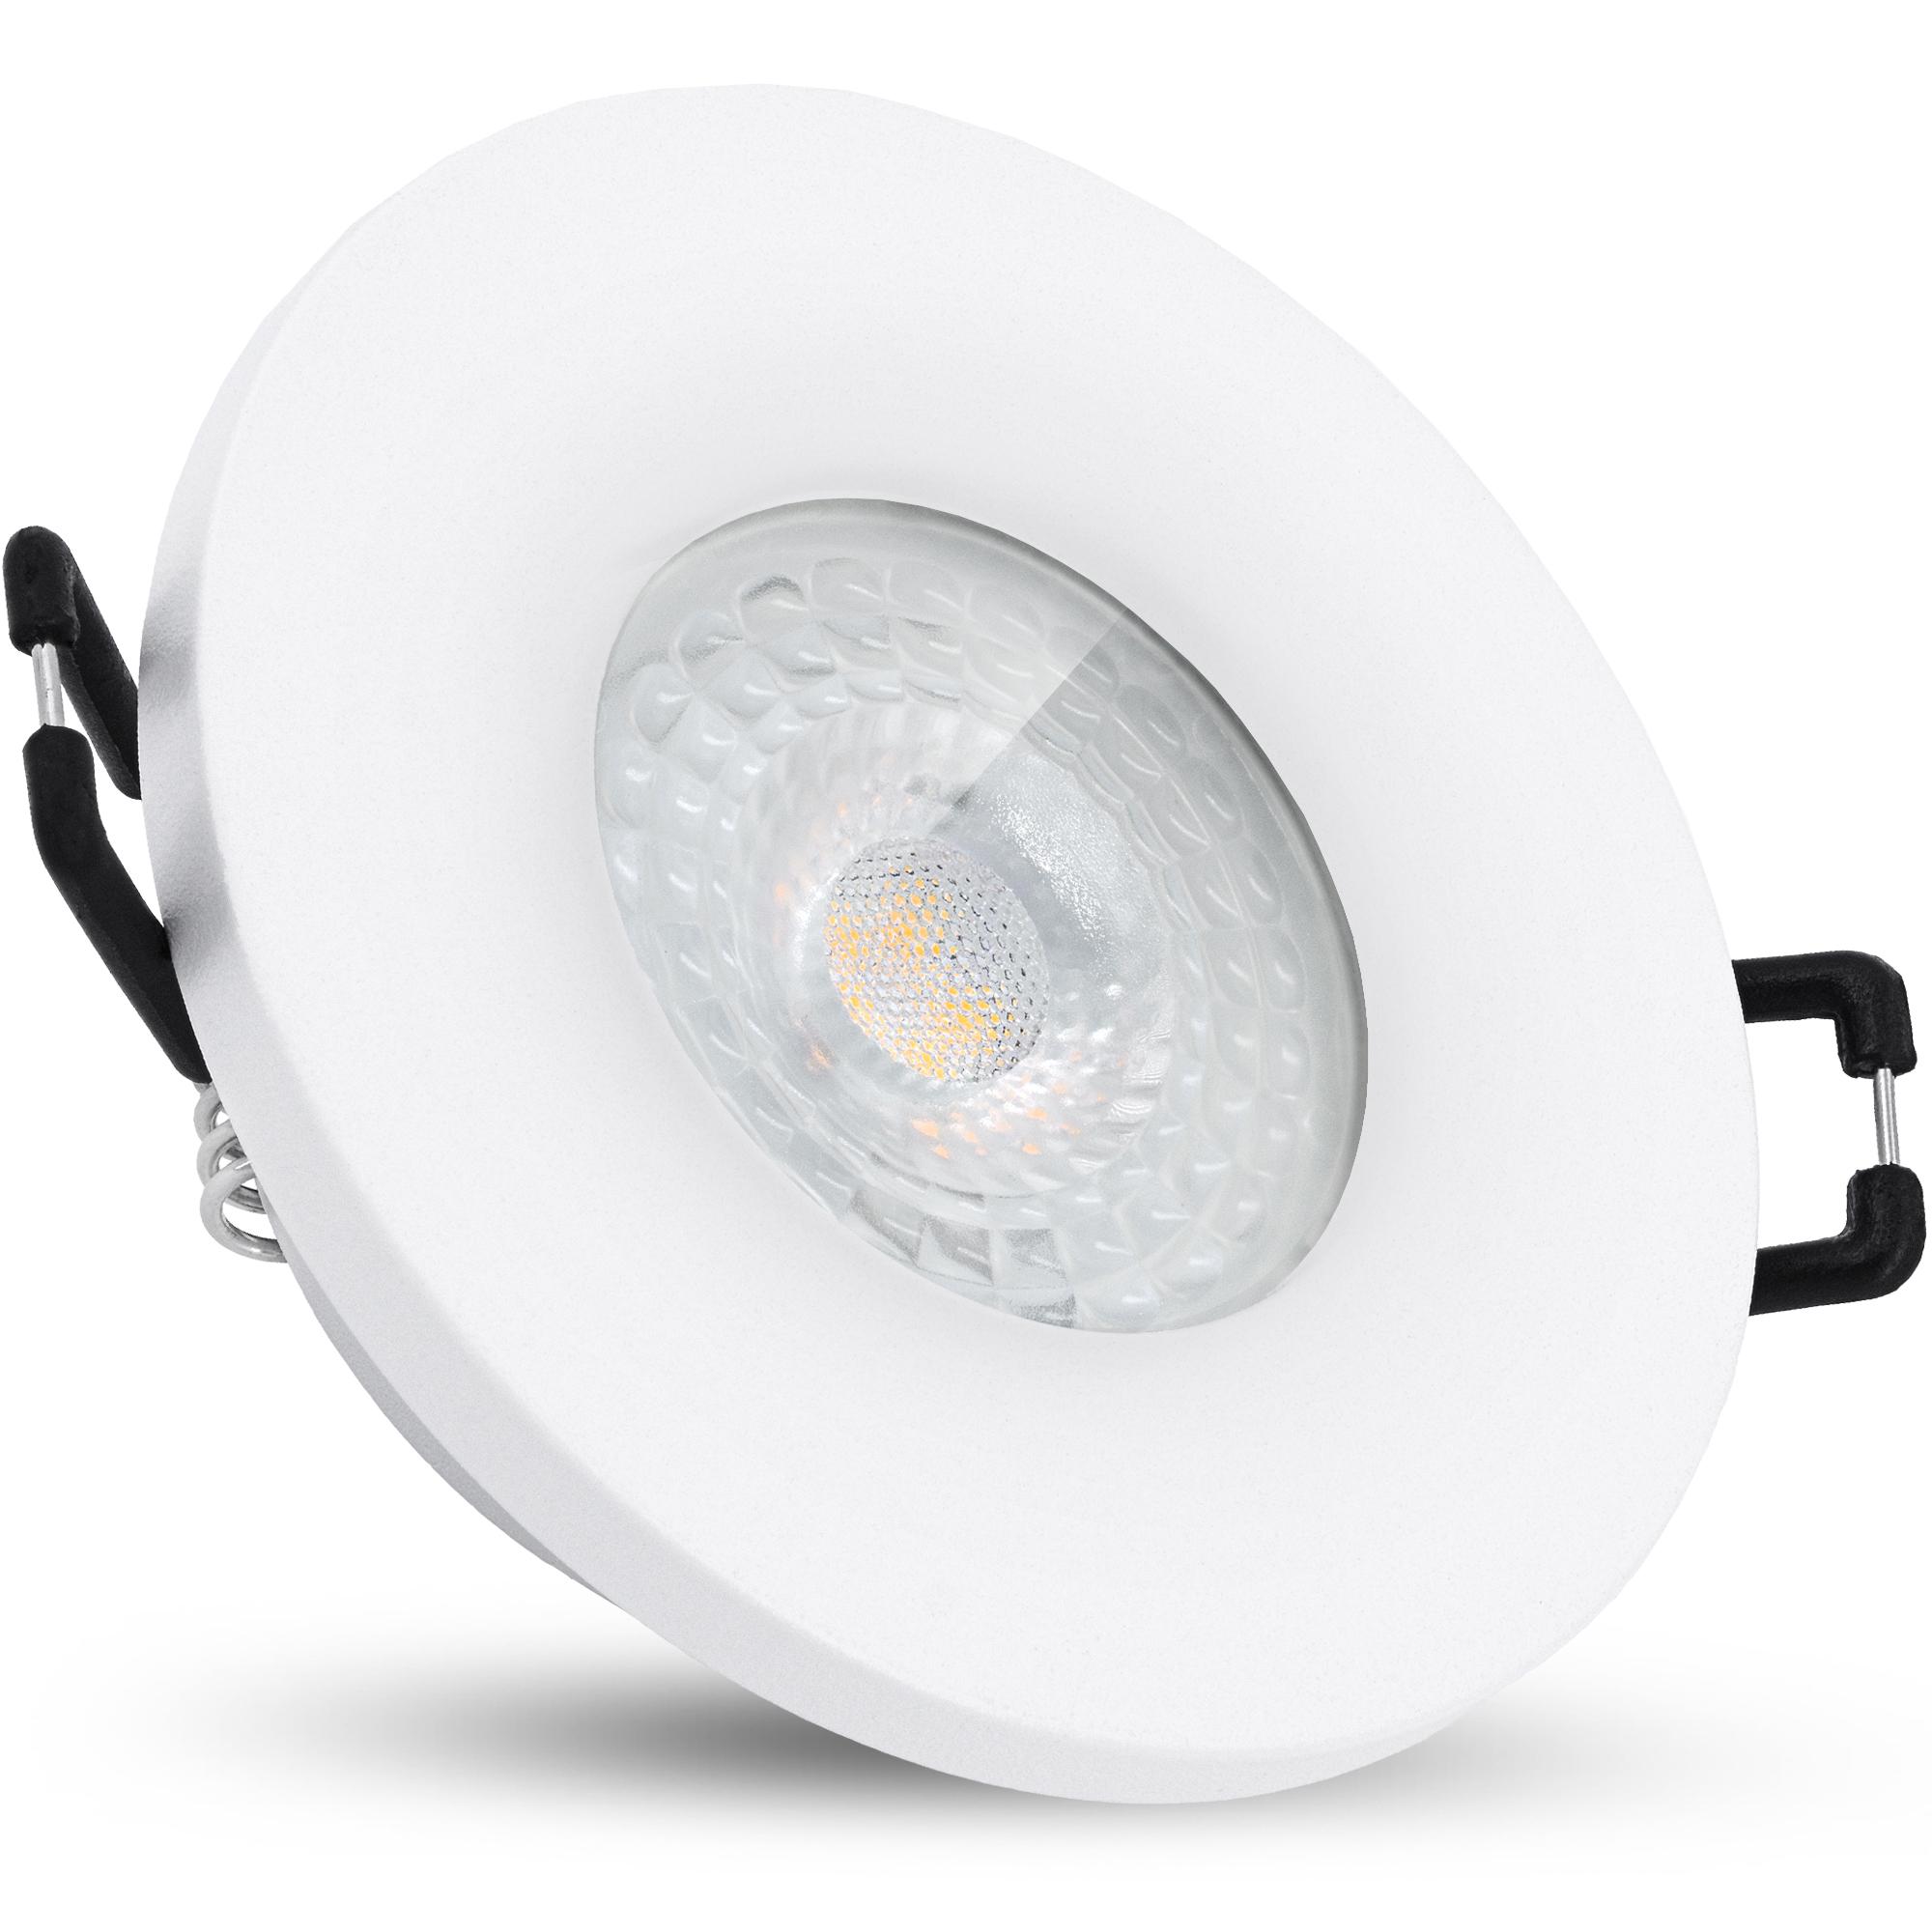 BEDA Bad Einbaustrahler IP20 mit LED GU20 Lampe 20° wechselbar 20W warmweiß  in weiß rund